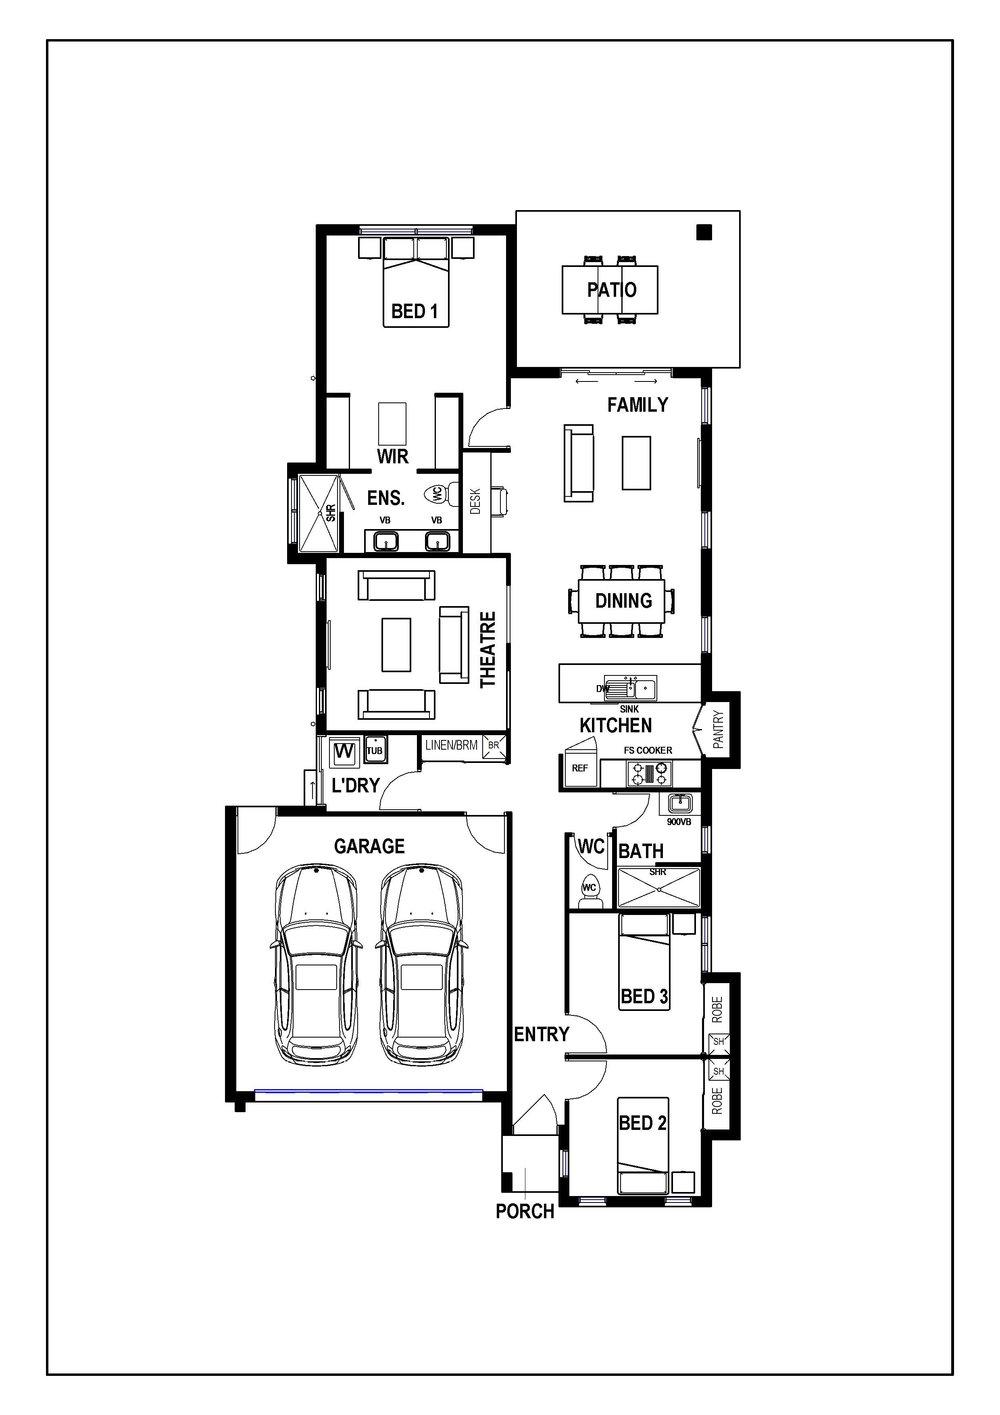 HOWEA B Floor Plan.jpg